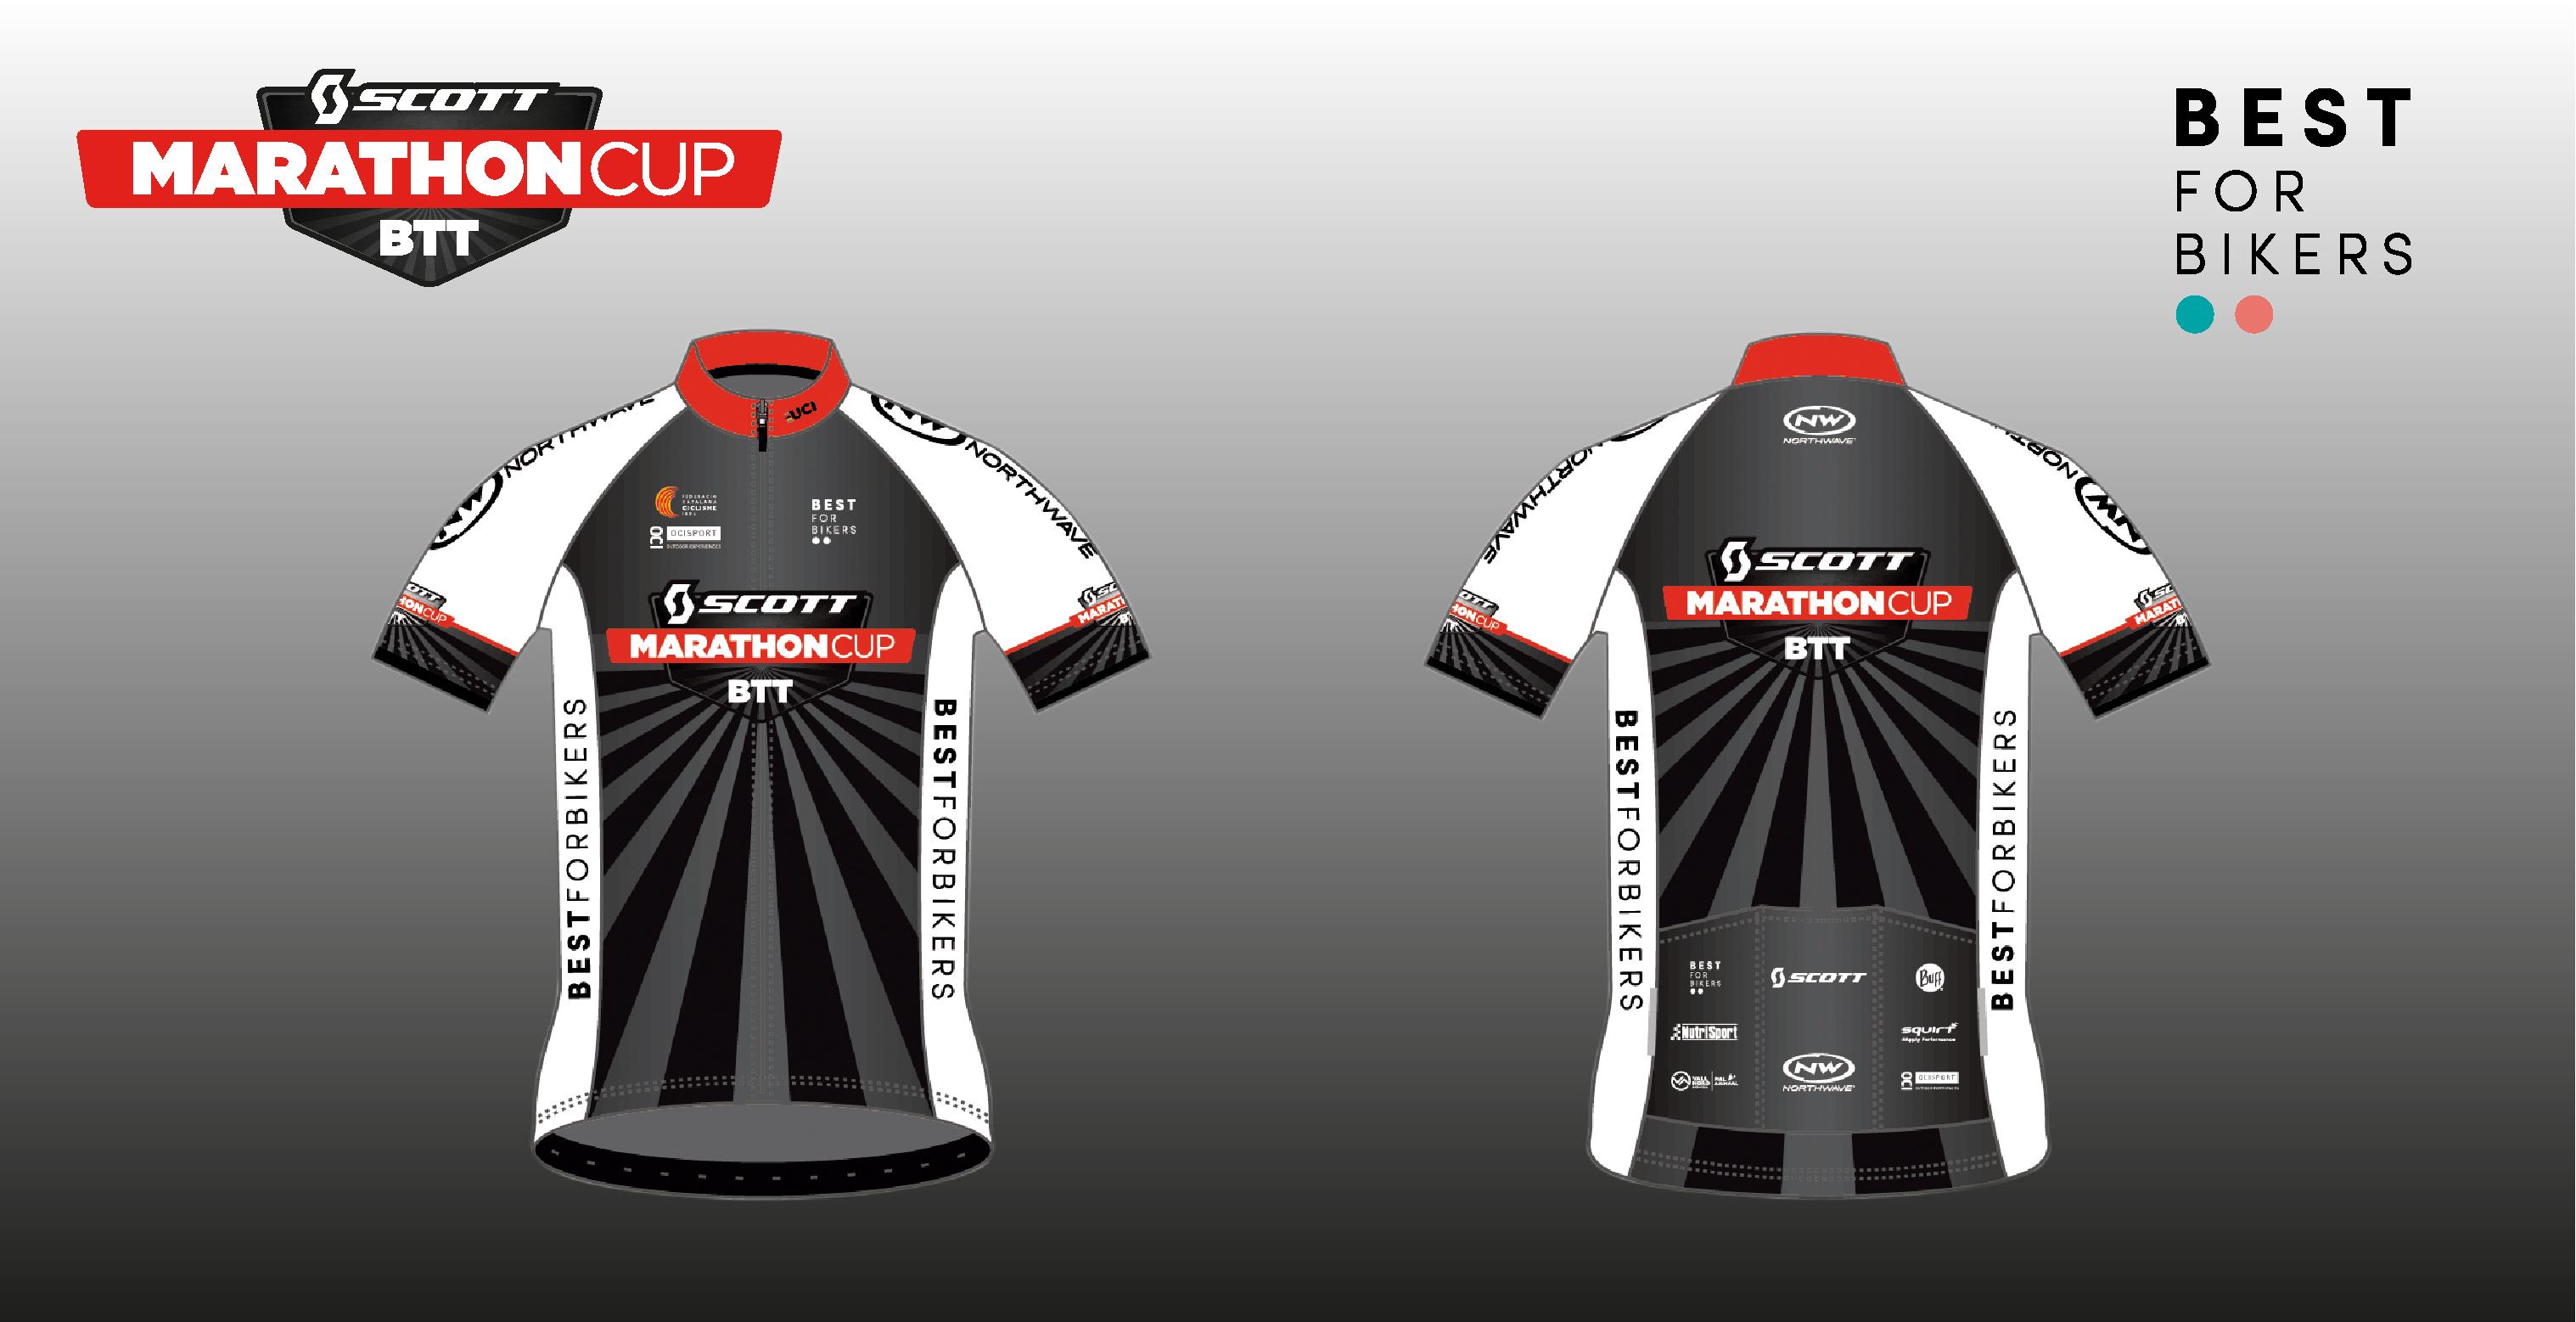 La Scott Marathon Cup presenta los maillots de los l�deres y campeones 2019